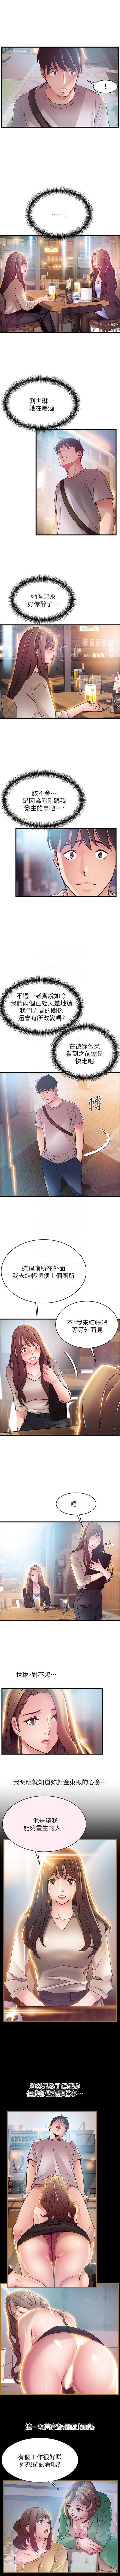 (週7)弱點 1-76 中文翻譯(更新中) 266